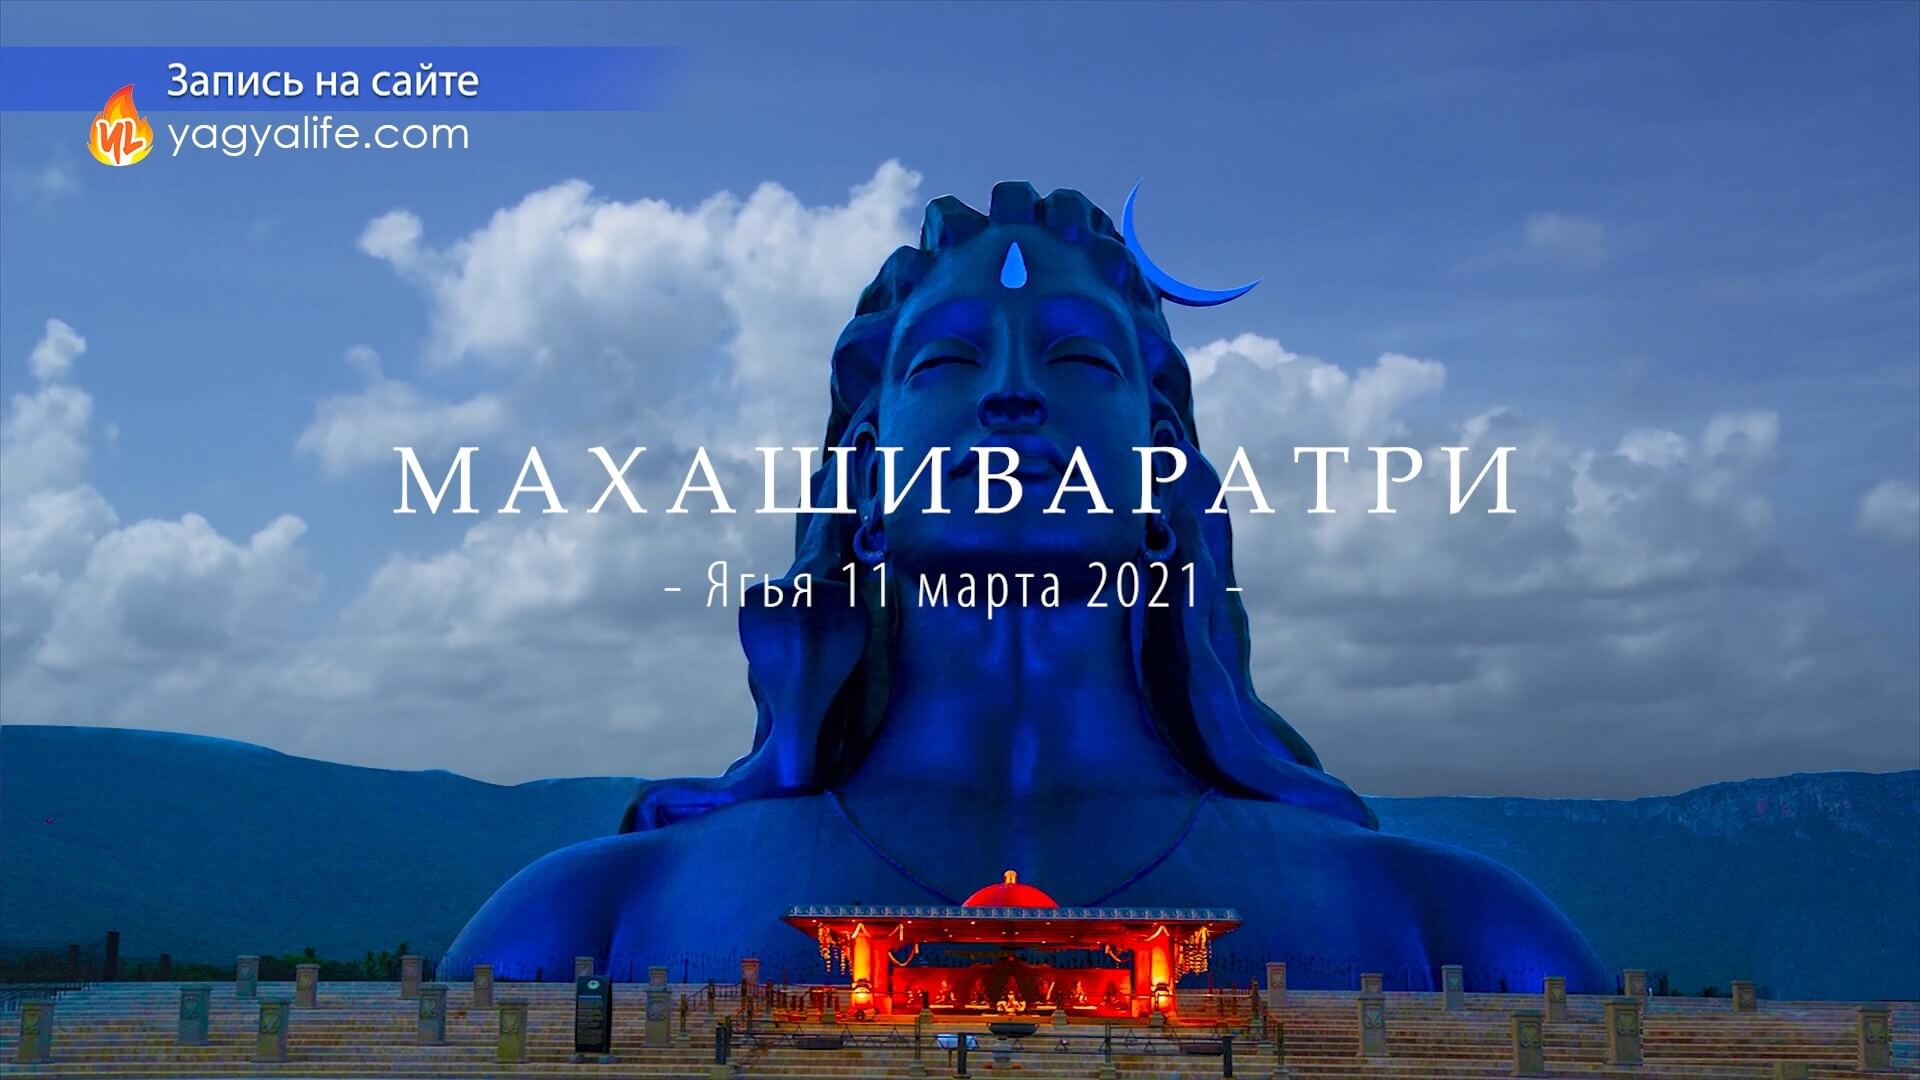 🔥 Ягья на Маха Шиваратри – 11 марта 2021